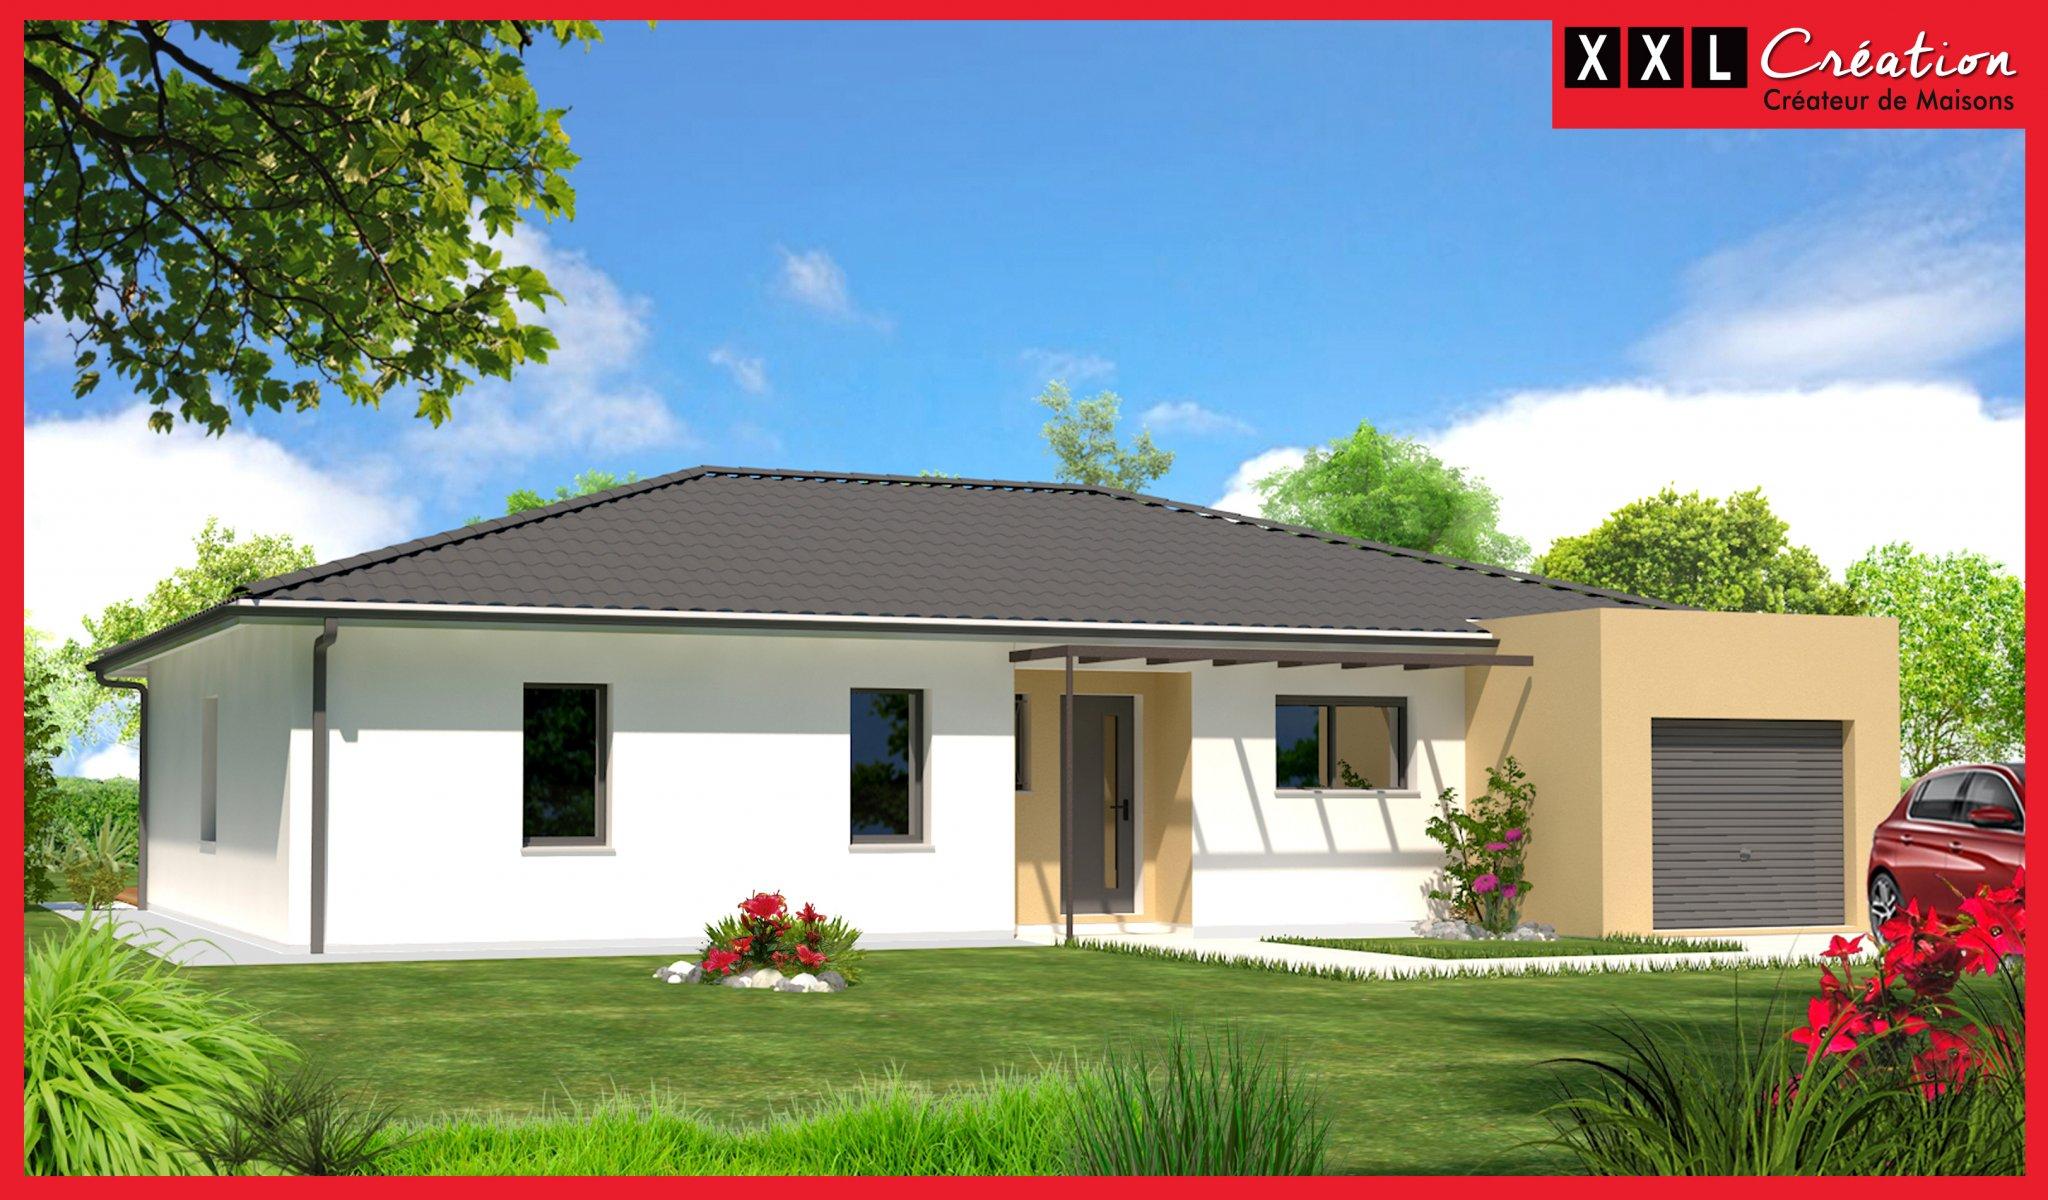 Maisons du constructeur XXL CREATION • 90 m² • CANOHES